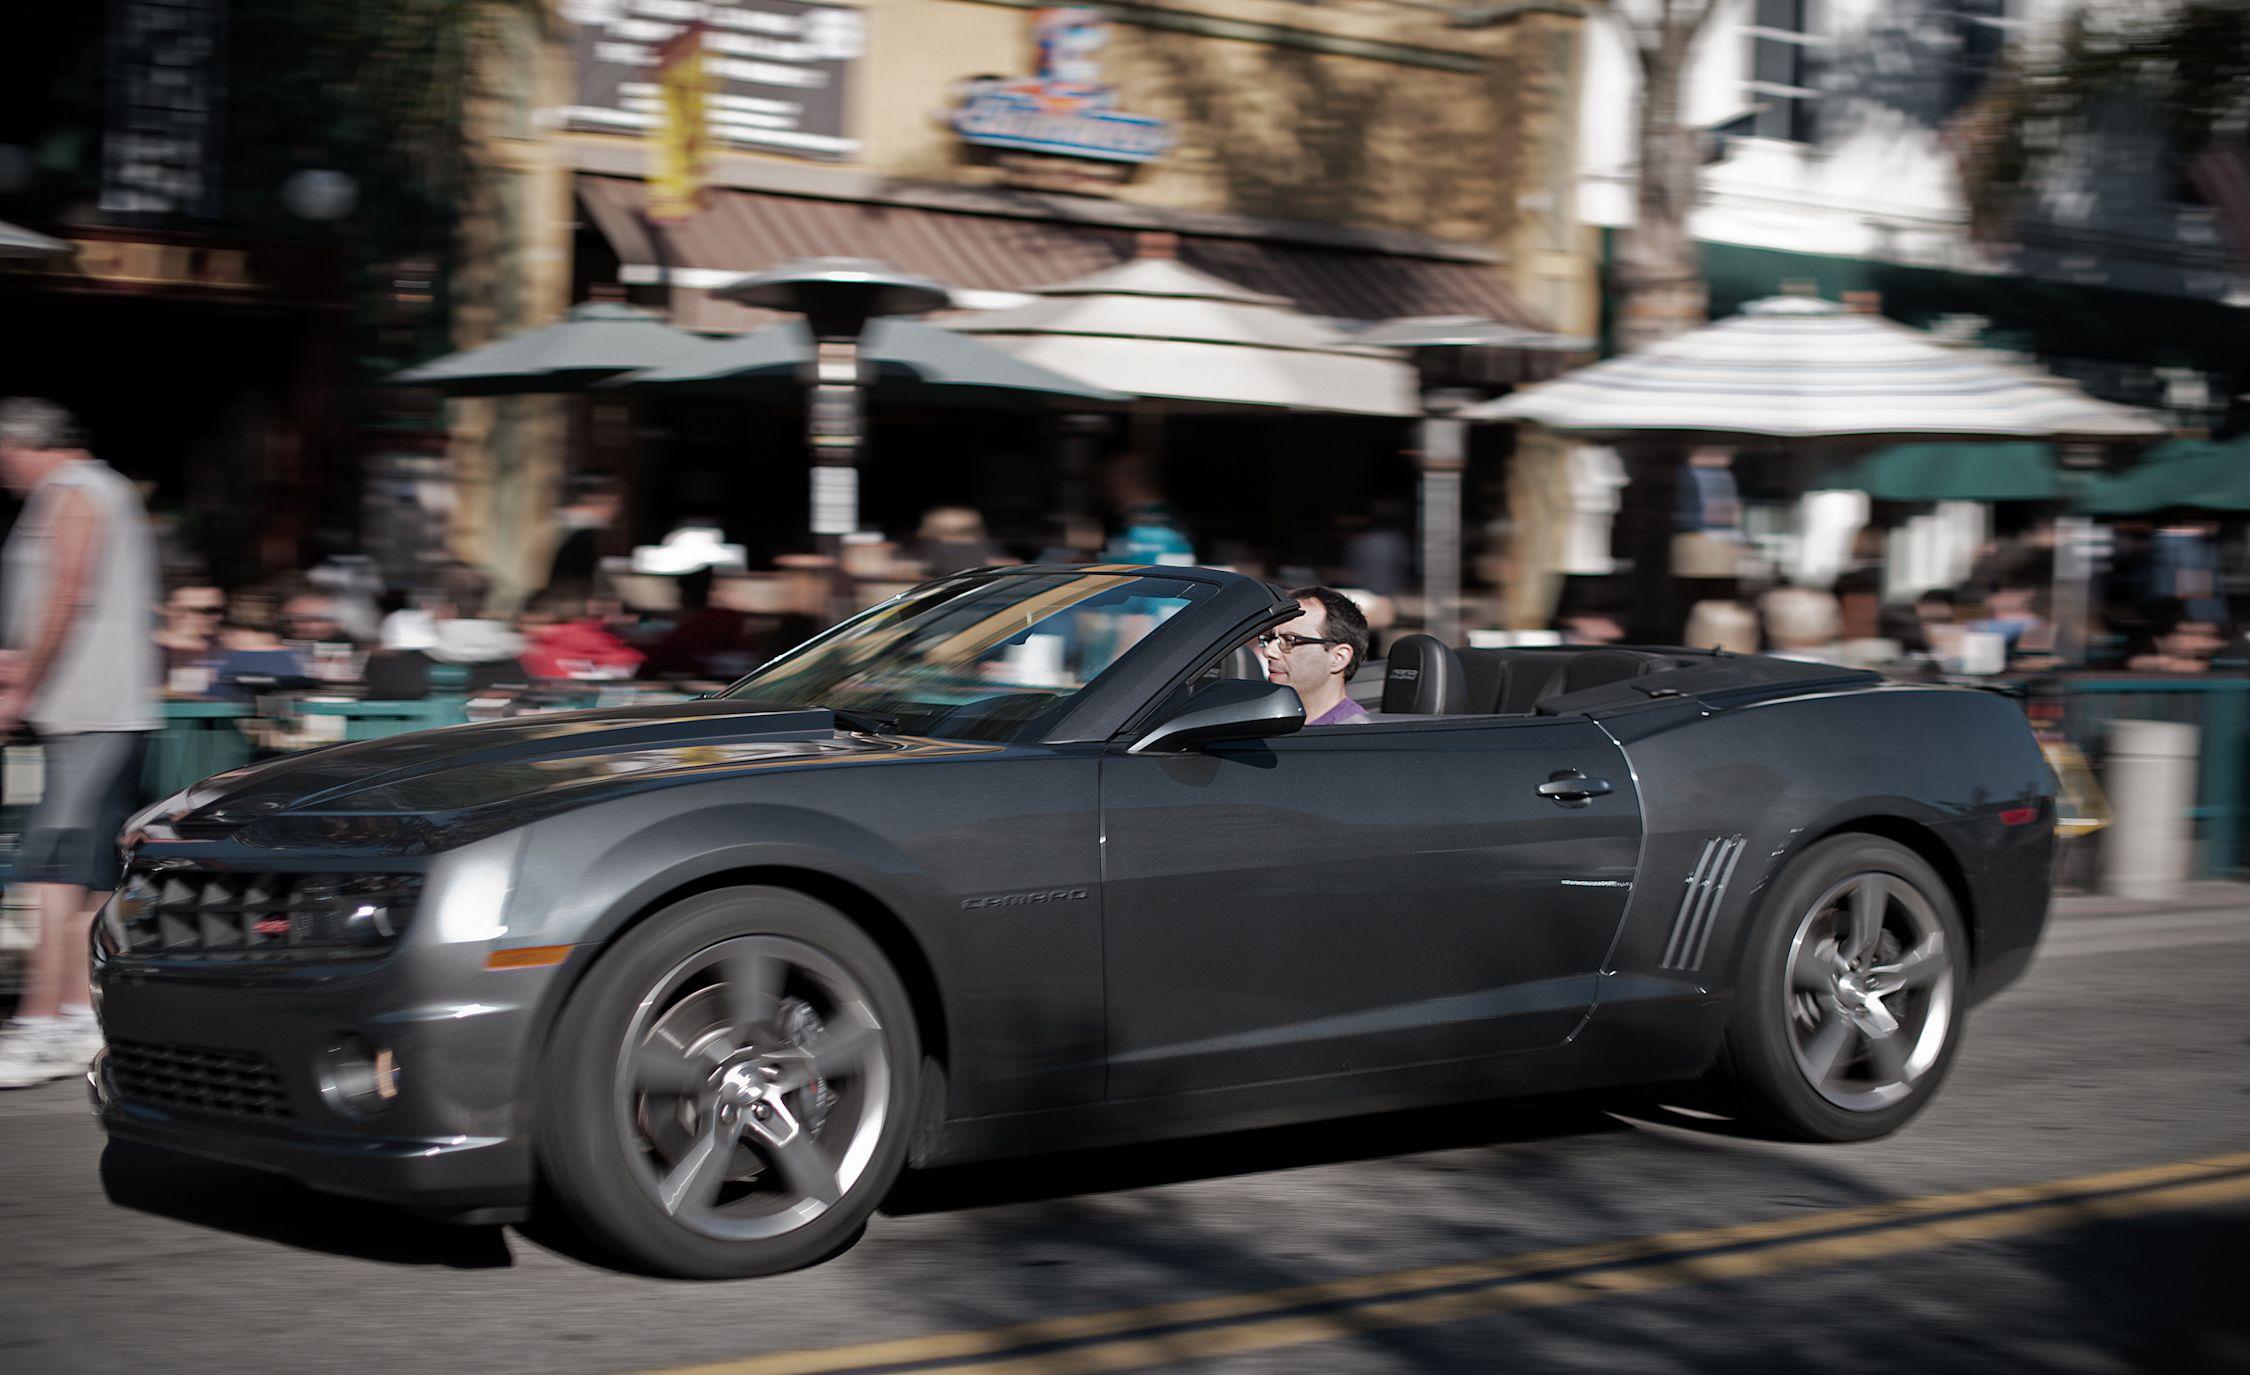 2011 camaro ss reviews